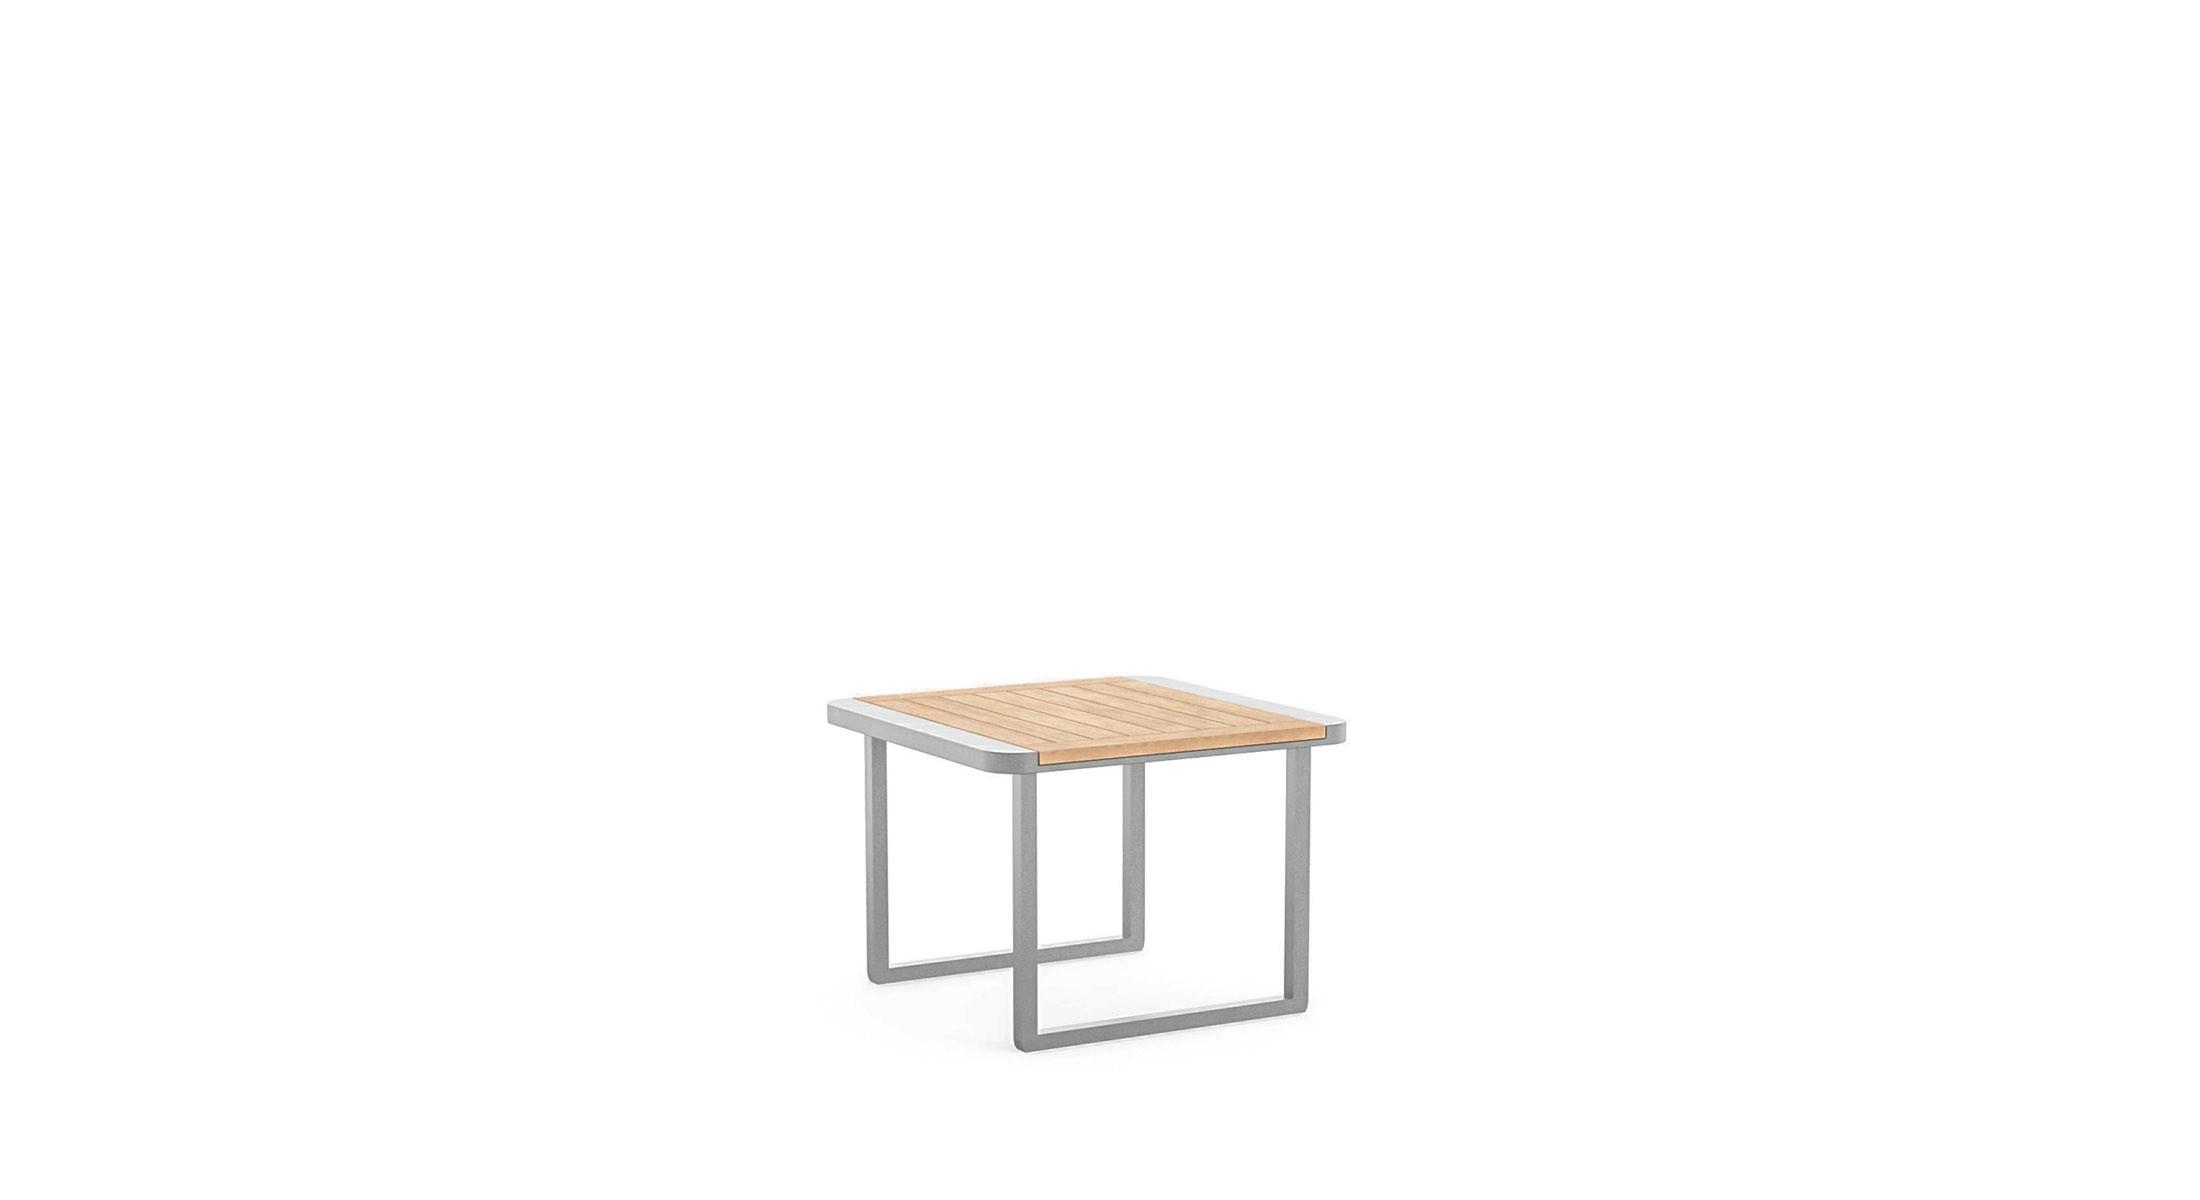 Sydney stolik boczny